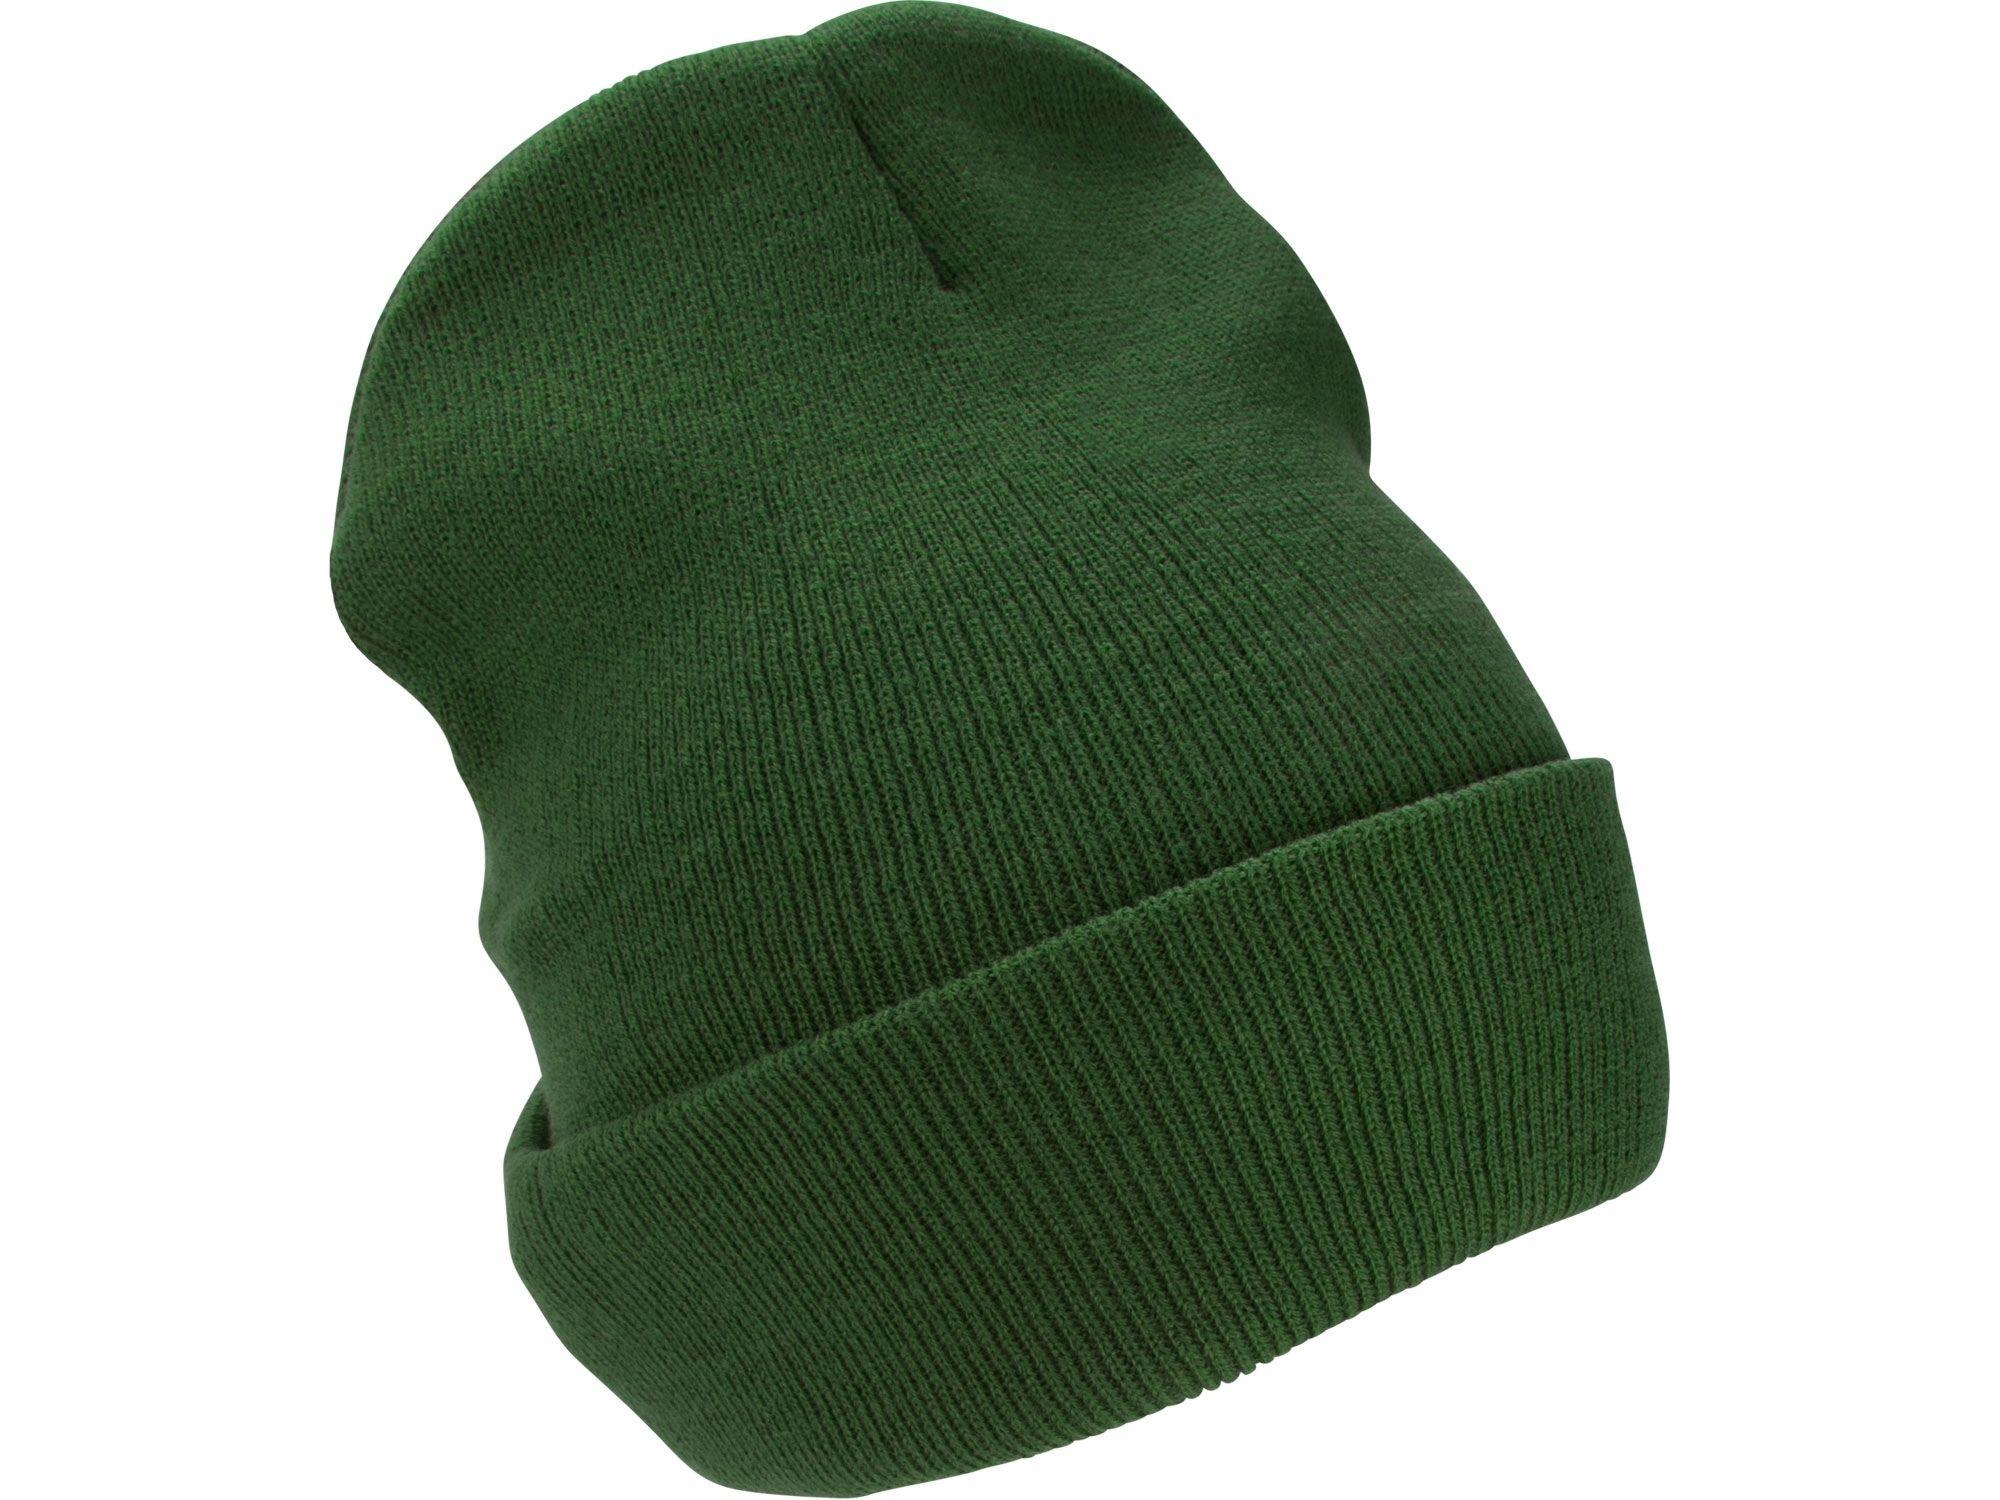 Čepice tmavě zelená EXTOL-CRAFT